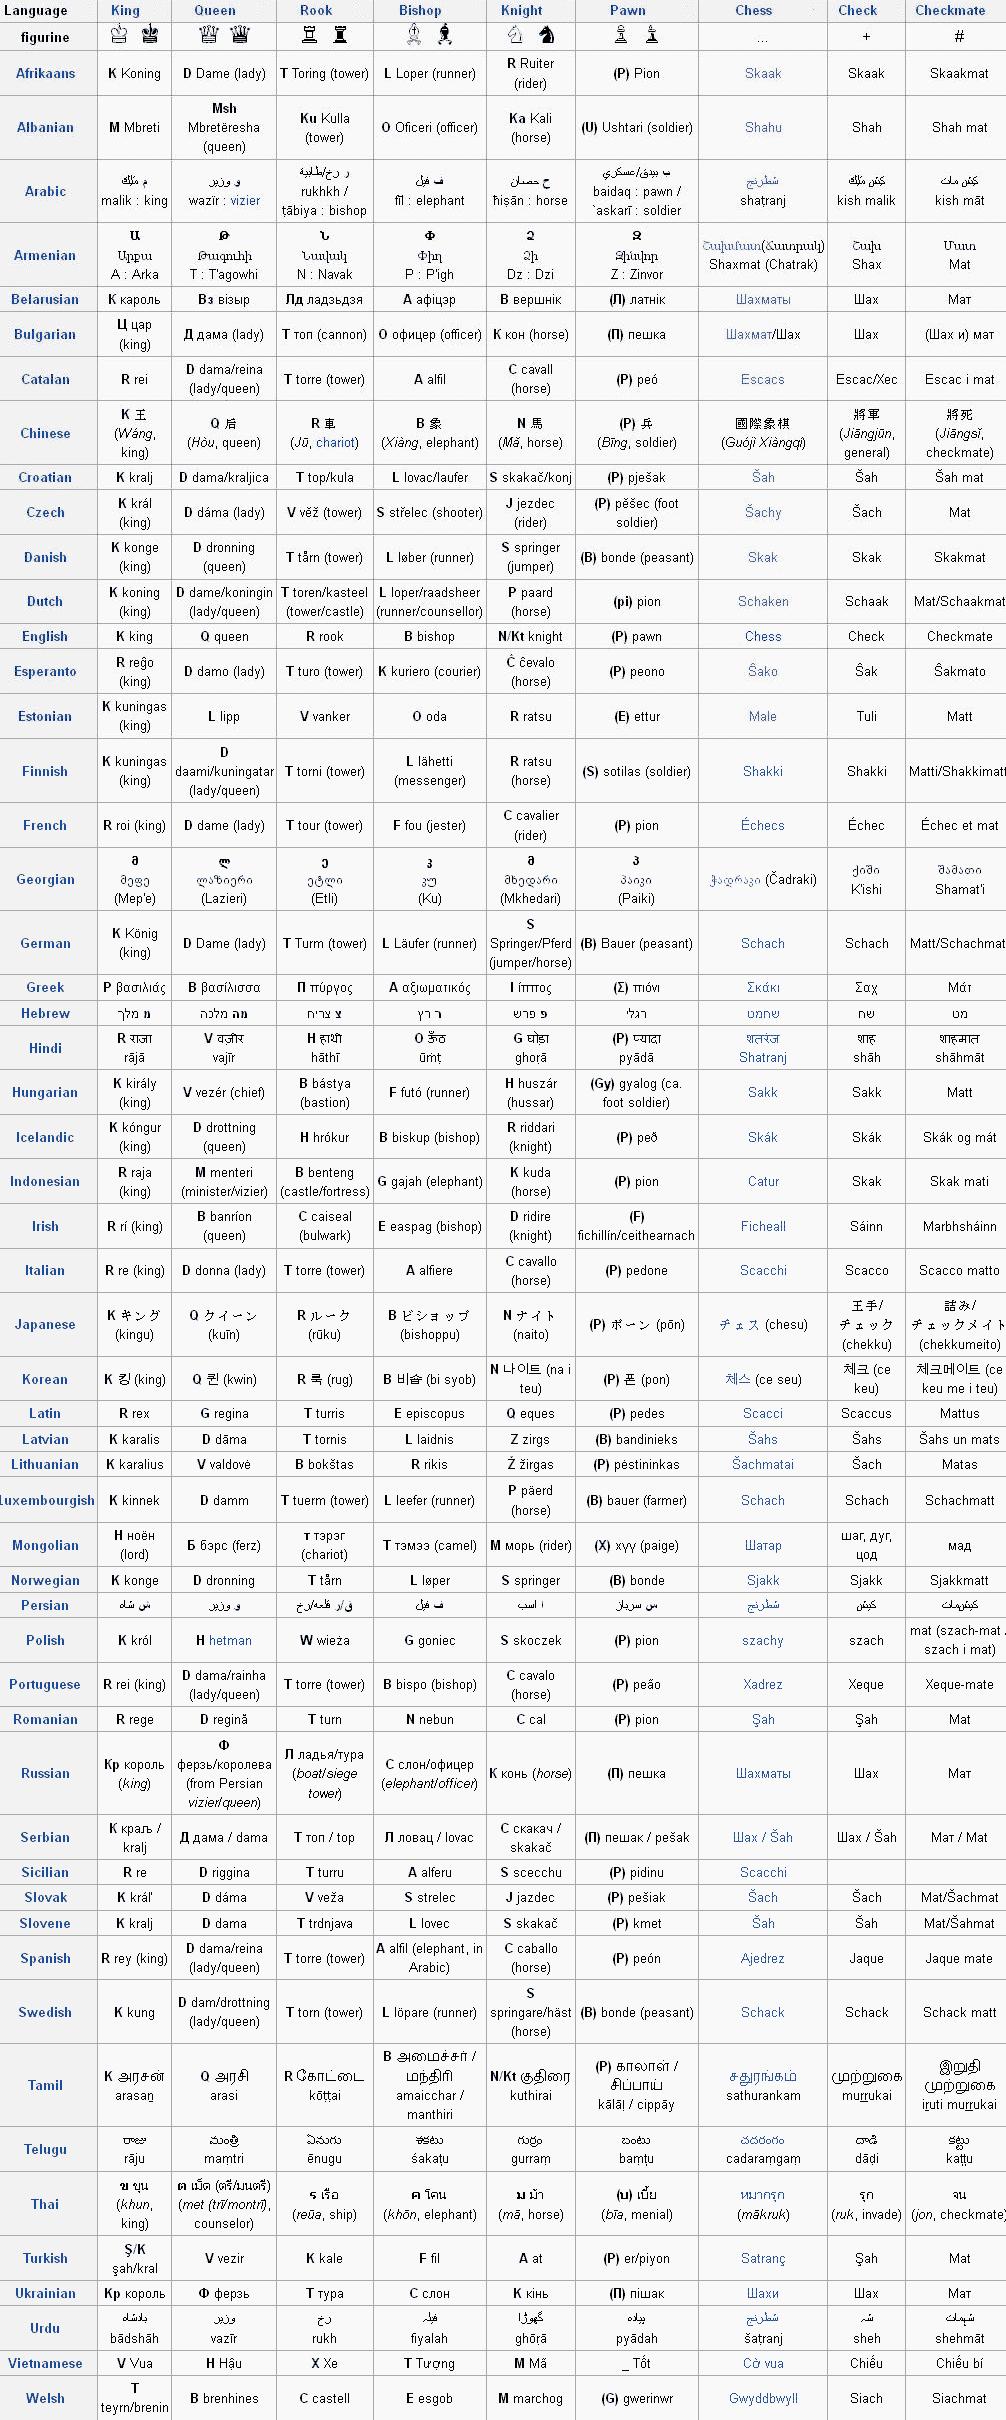 Le jeu d'échecs en toutes langues